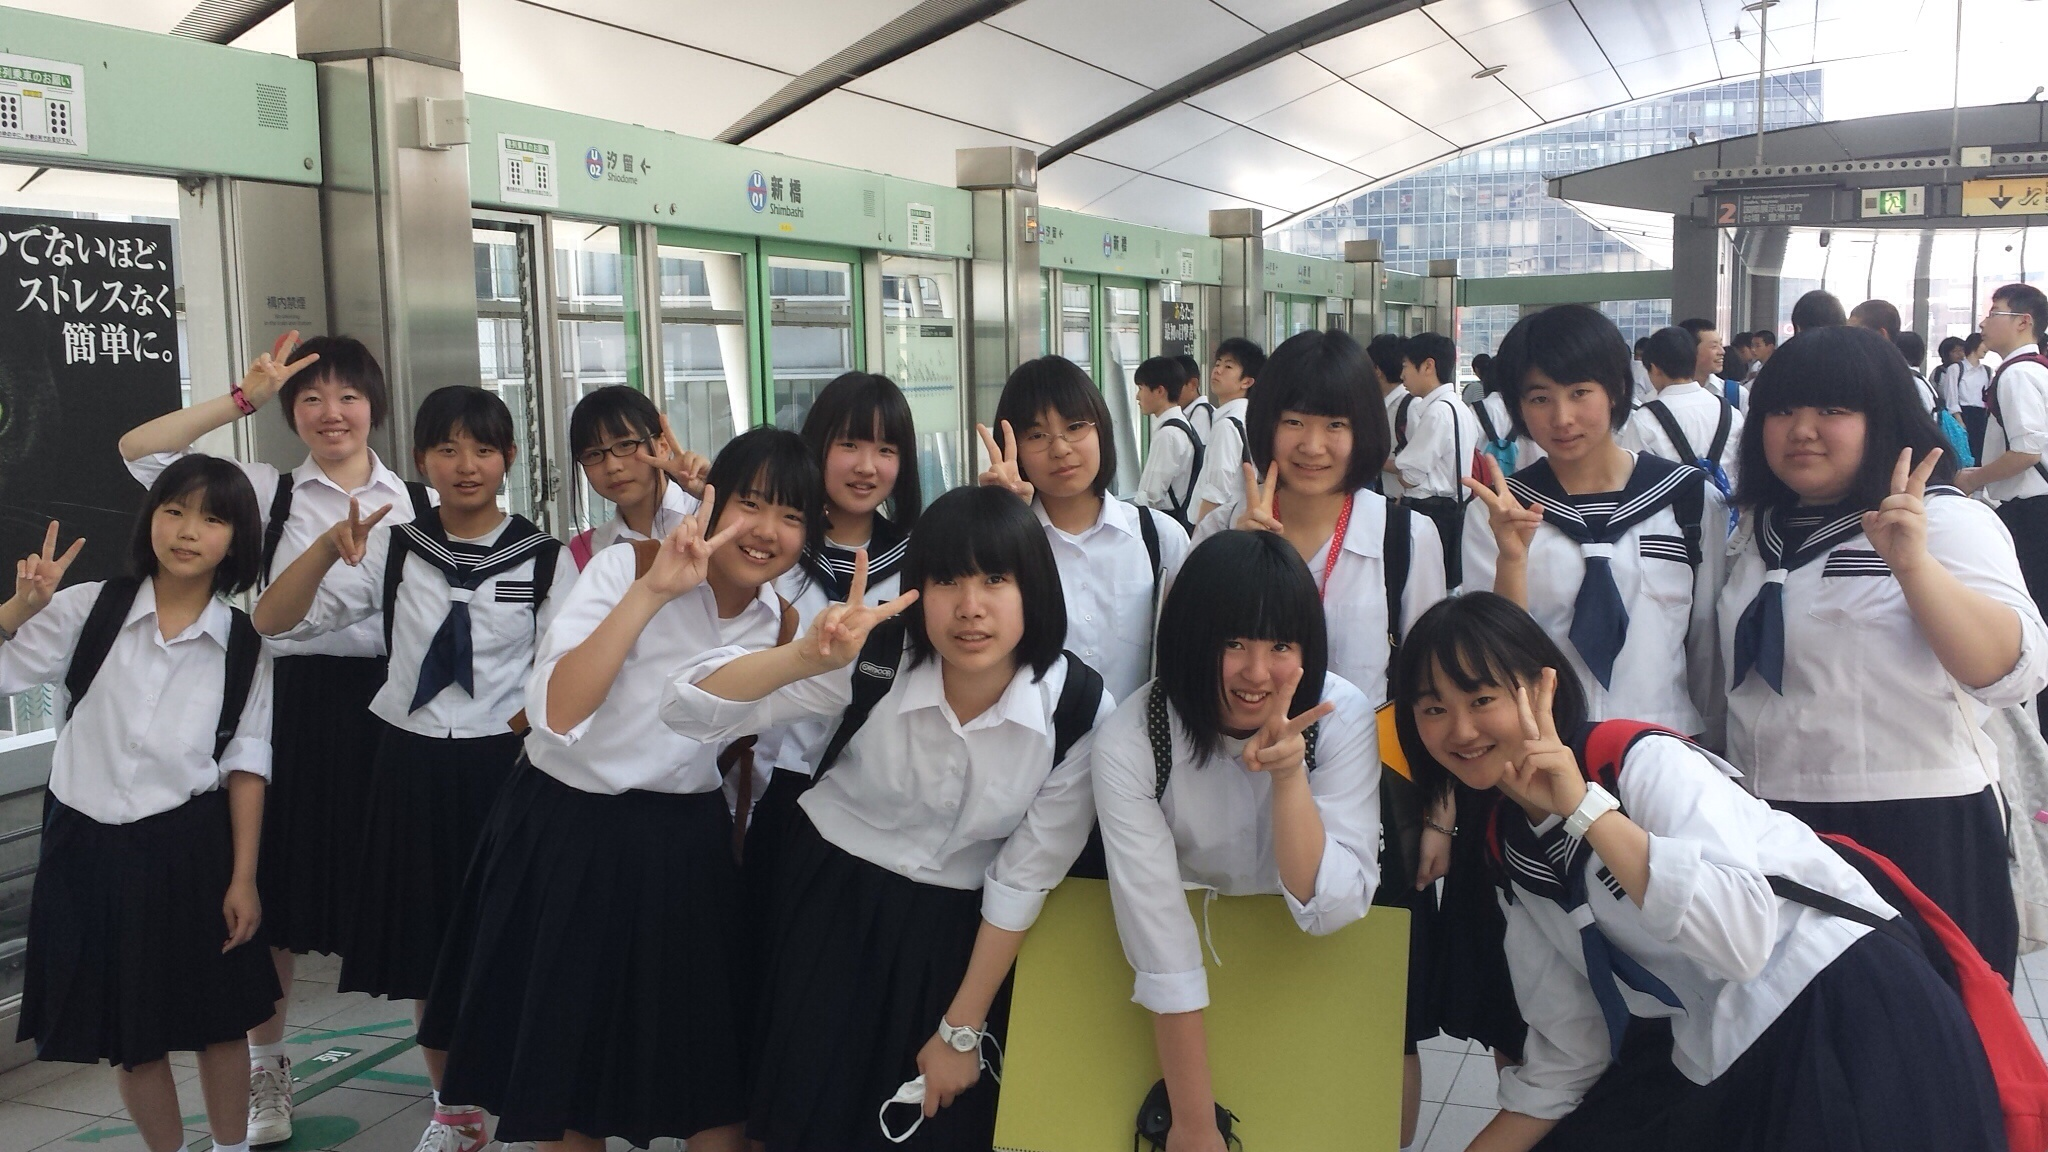 上野駅3組女子